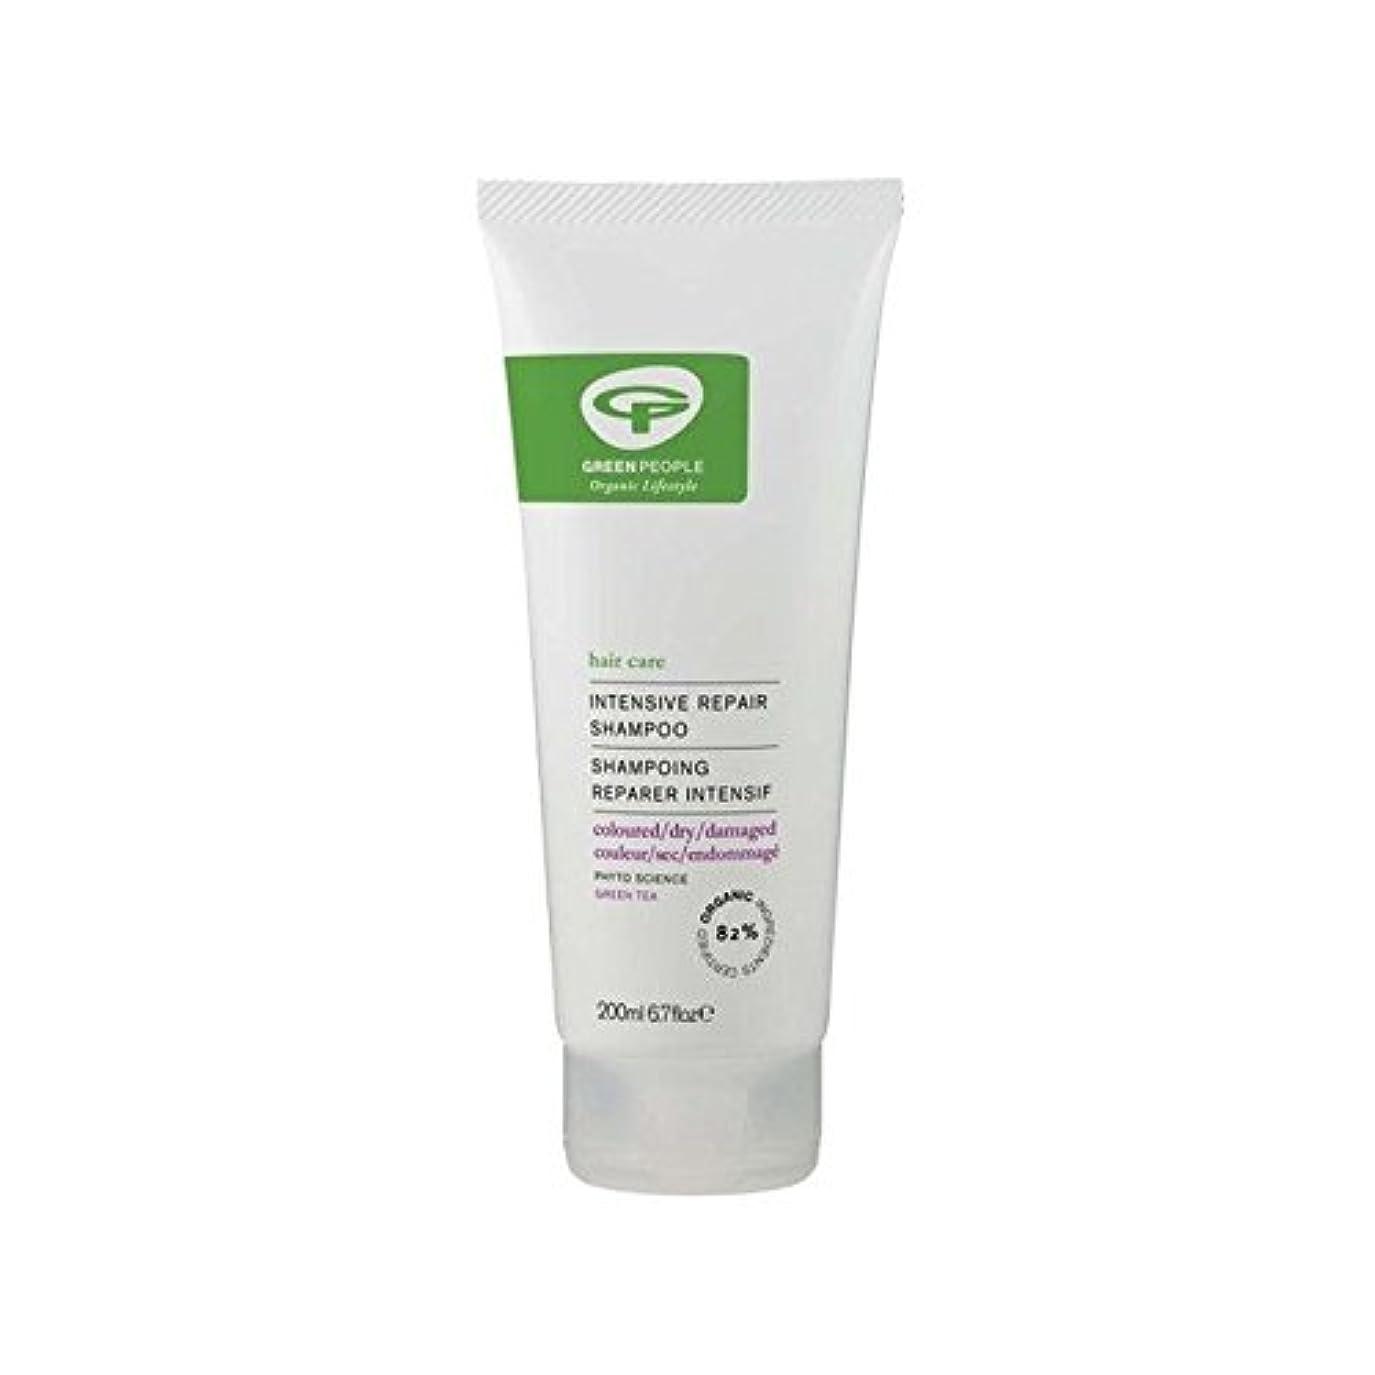 クレア追う記録緑の人の集中リペアシャンプー(200ミリリットル) x4 - Green People Intensive Repair Shampoo (200ml) (Pack of 4) [並行輸入品]